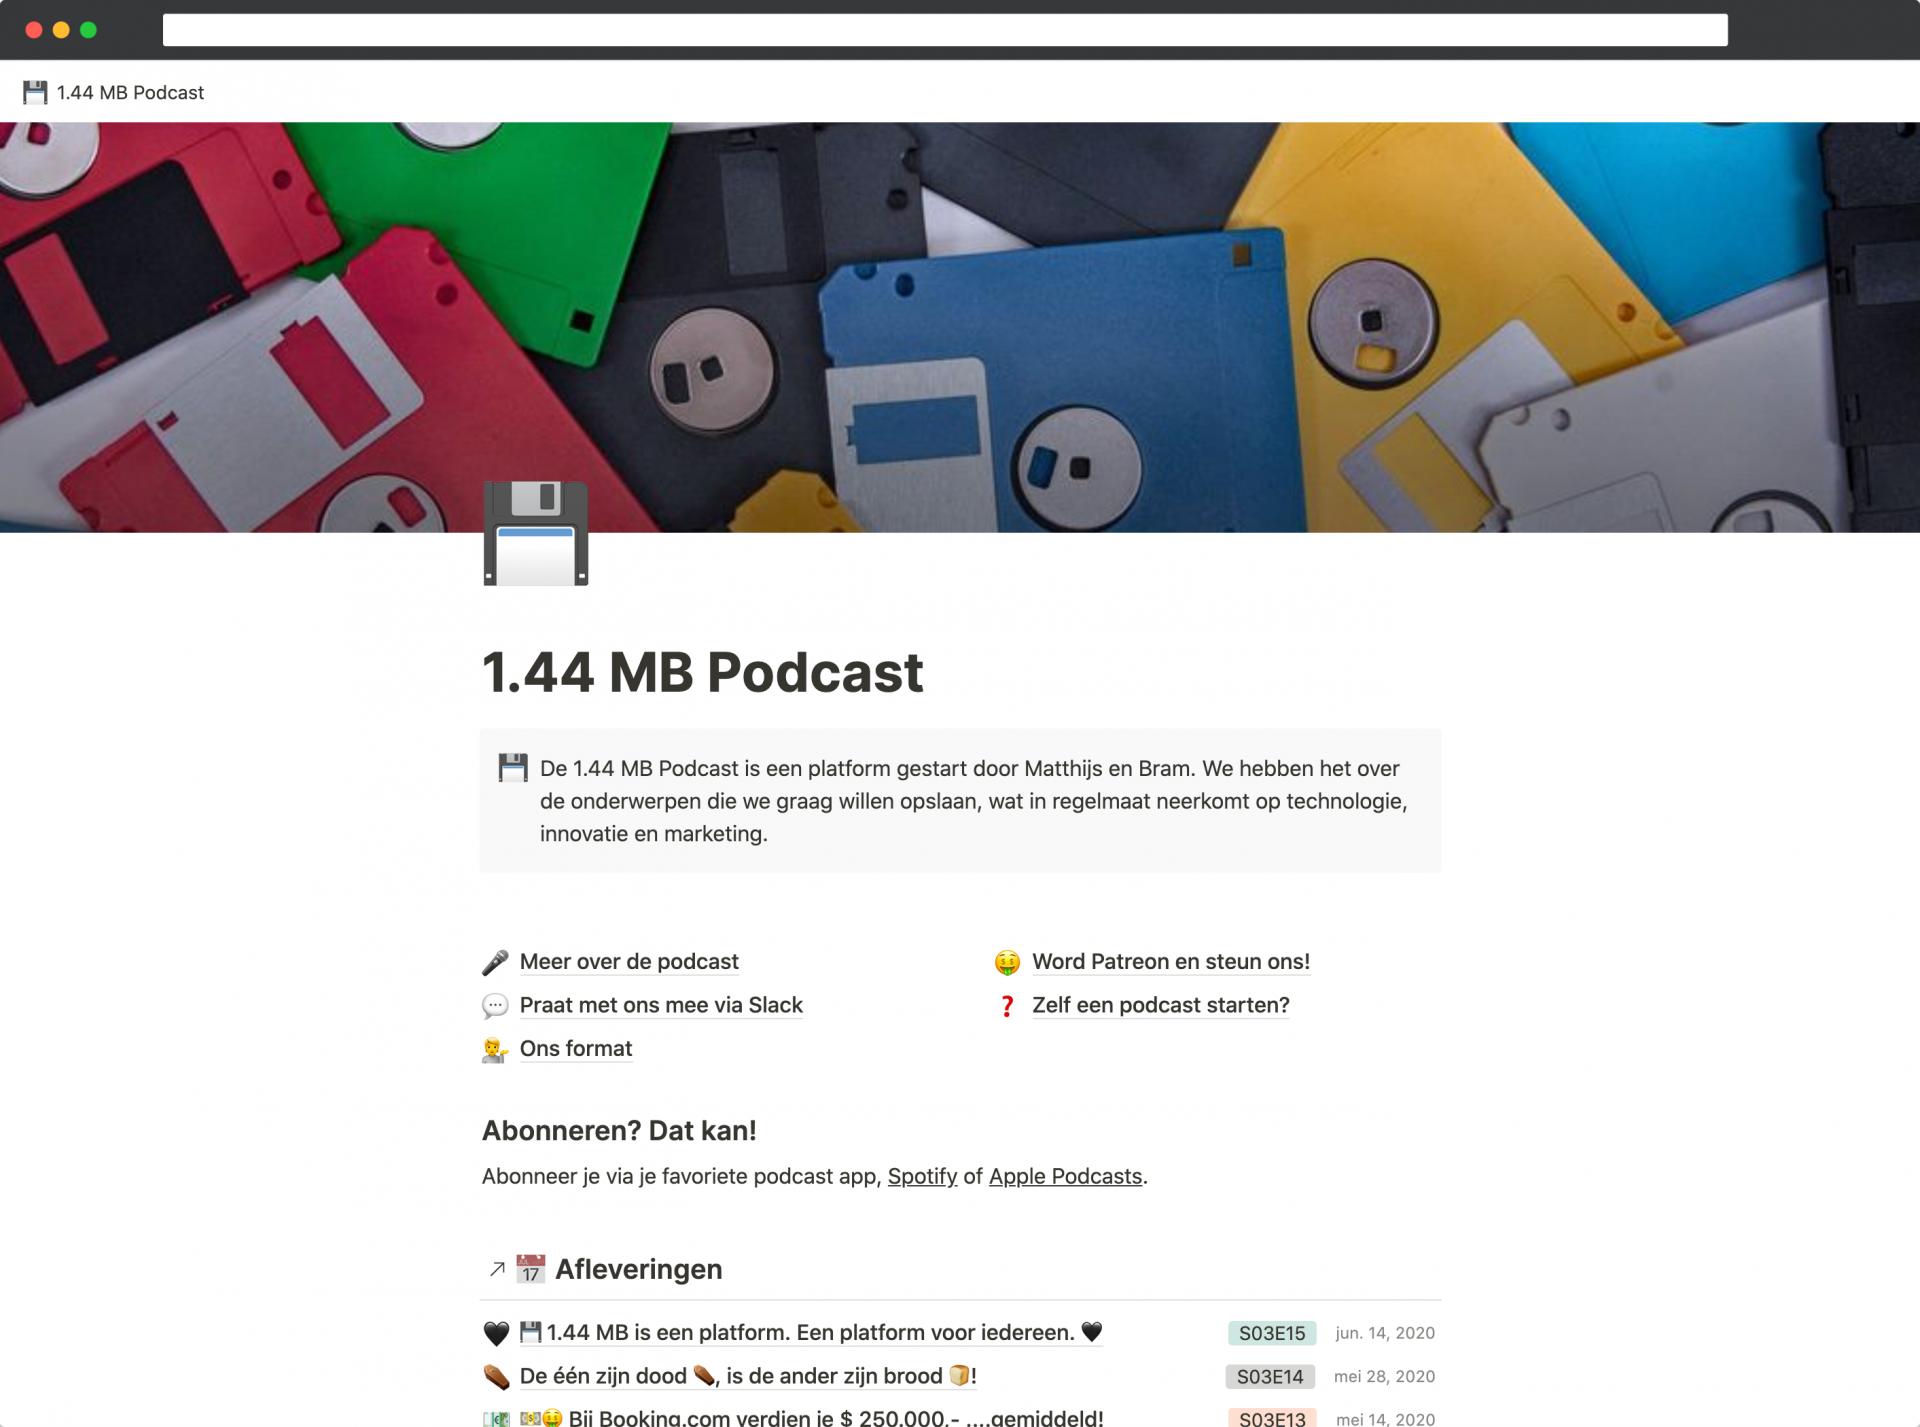 Notion als database voor het meest uitgebreide podcastarchief ever-ooit 🤯